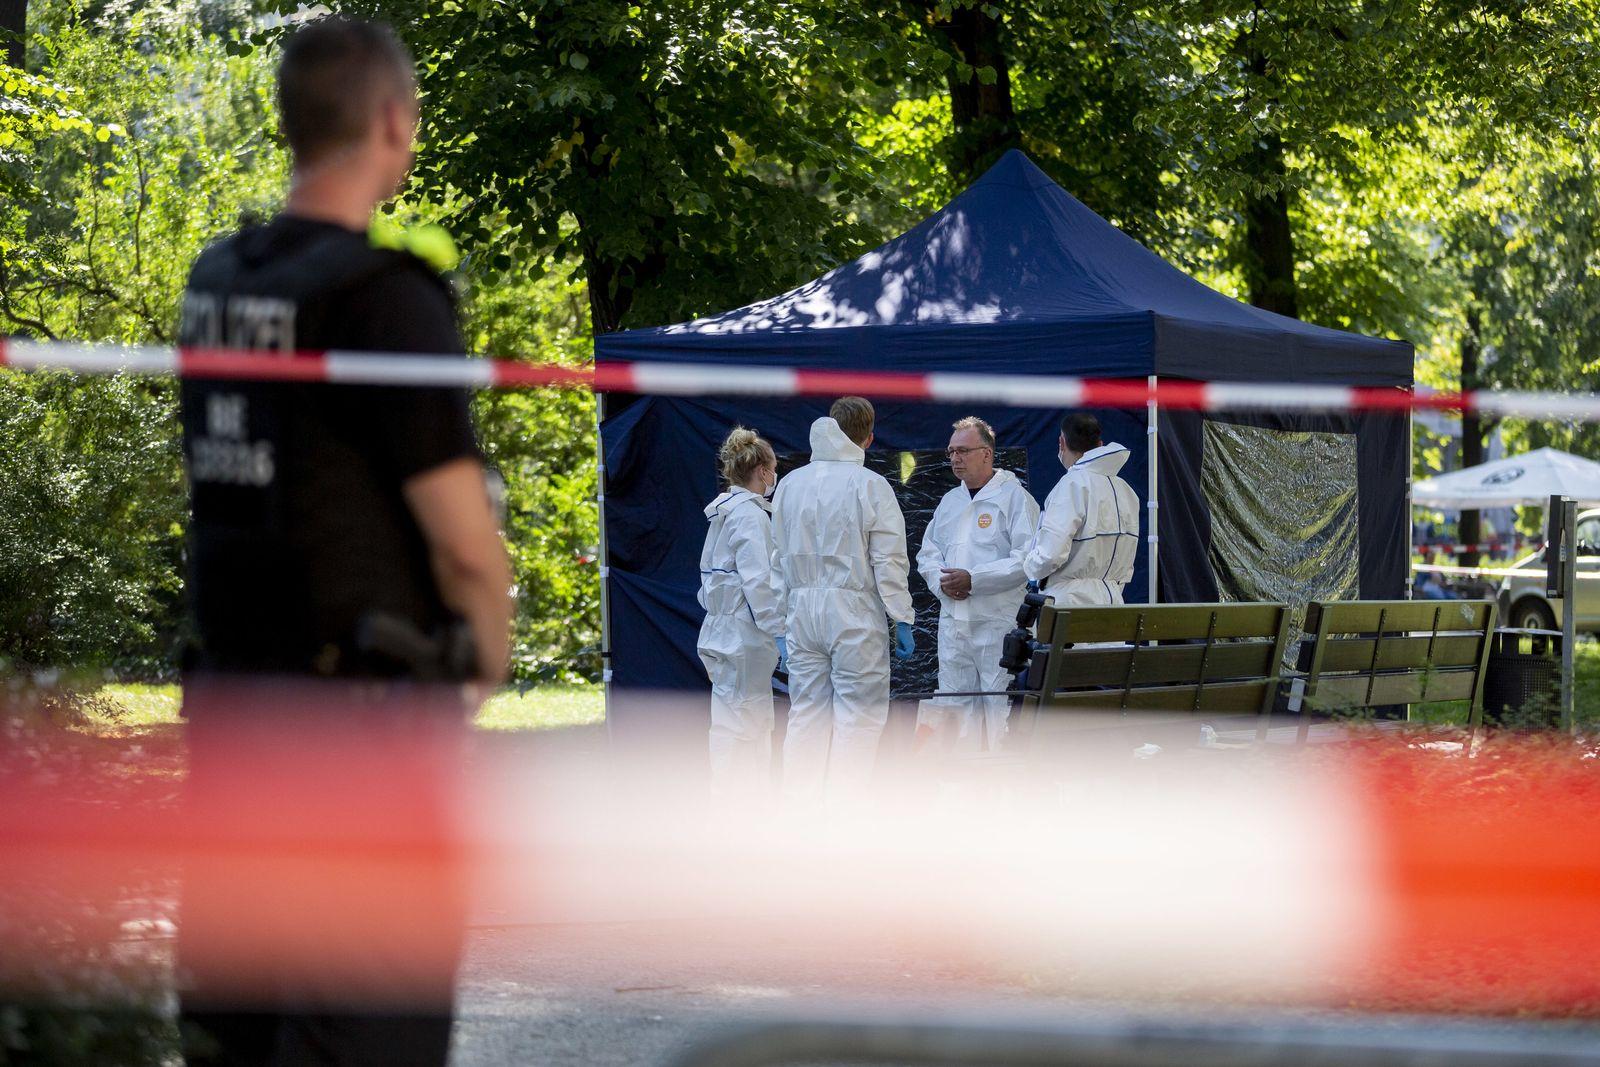 Mann in Berlin-Moabit von Fahrradfahrer erschossen